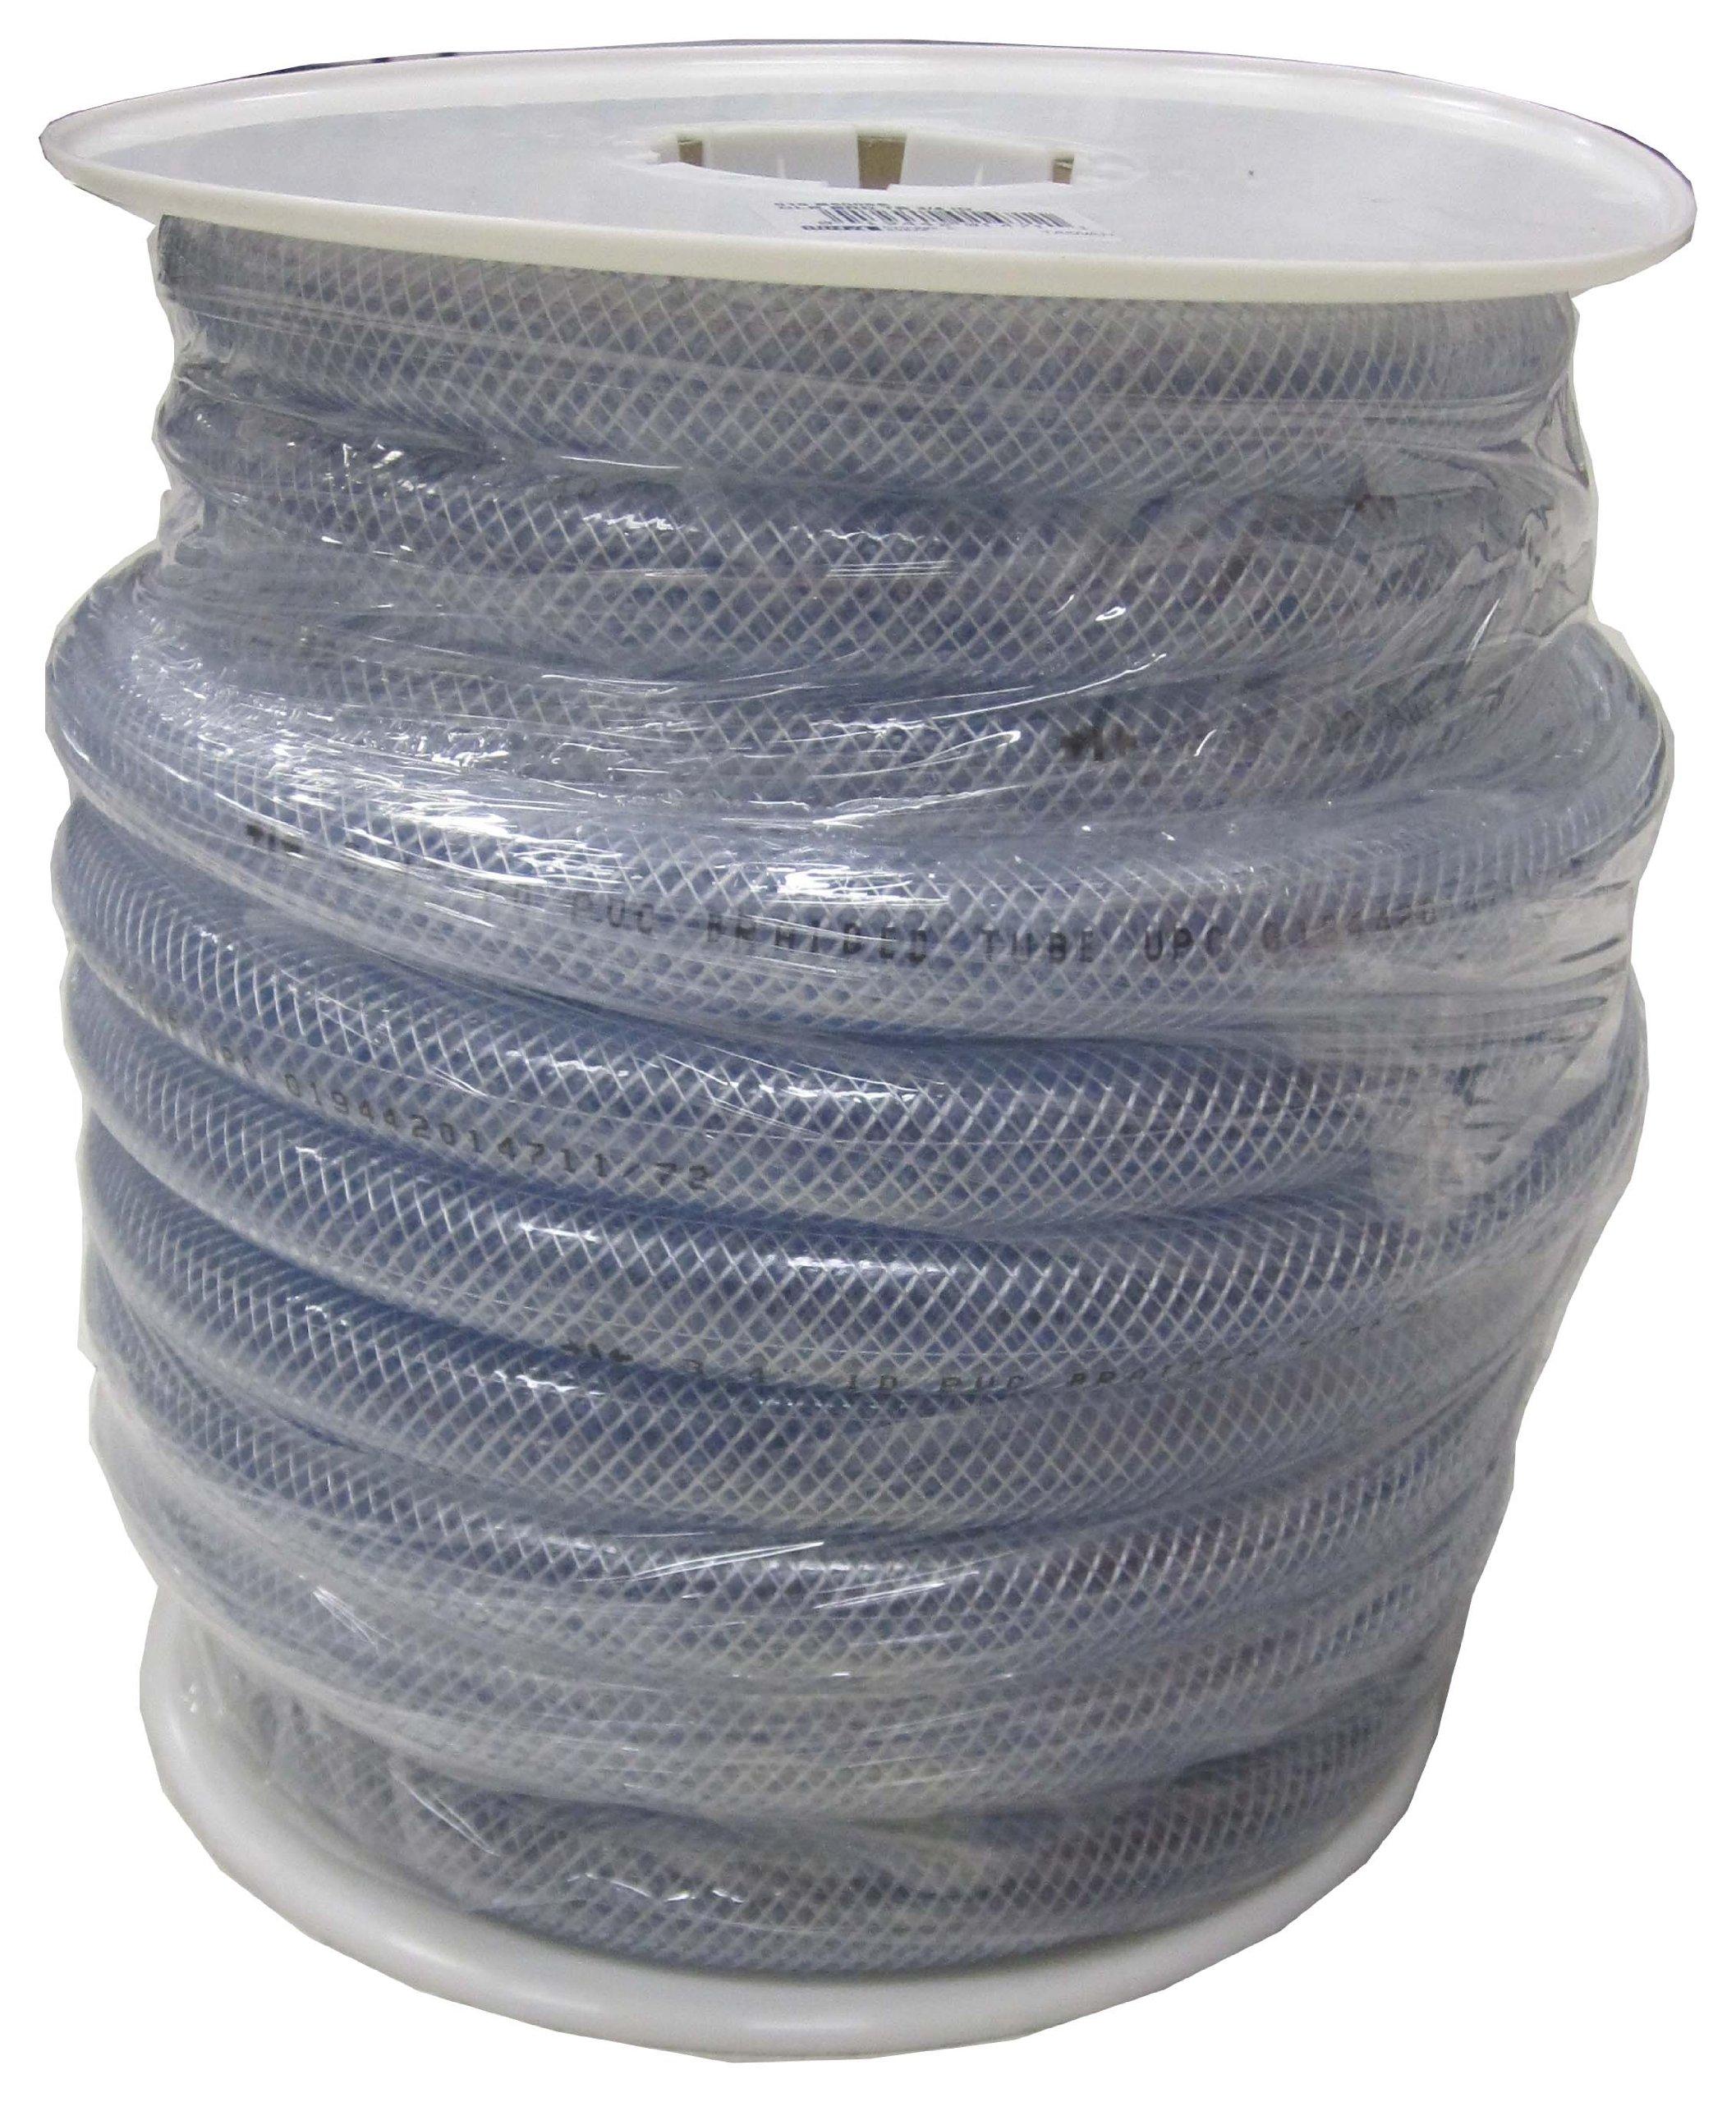 LDR 515 B5005S Braided Vinyl Hose Tubing, 3/4-Inch ID X 1-Inch OD, Clear, 75-Foot Spool